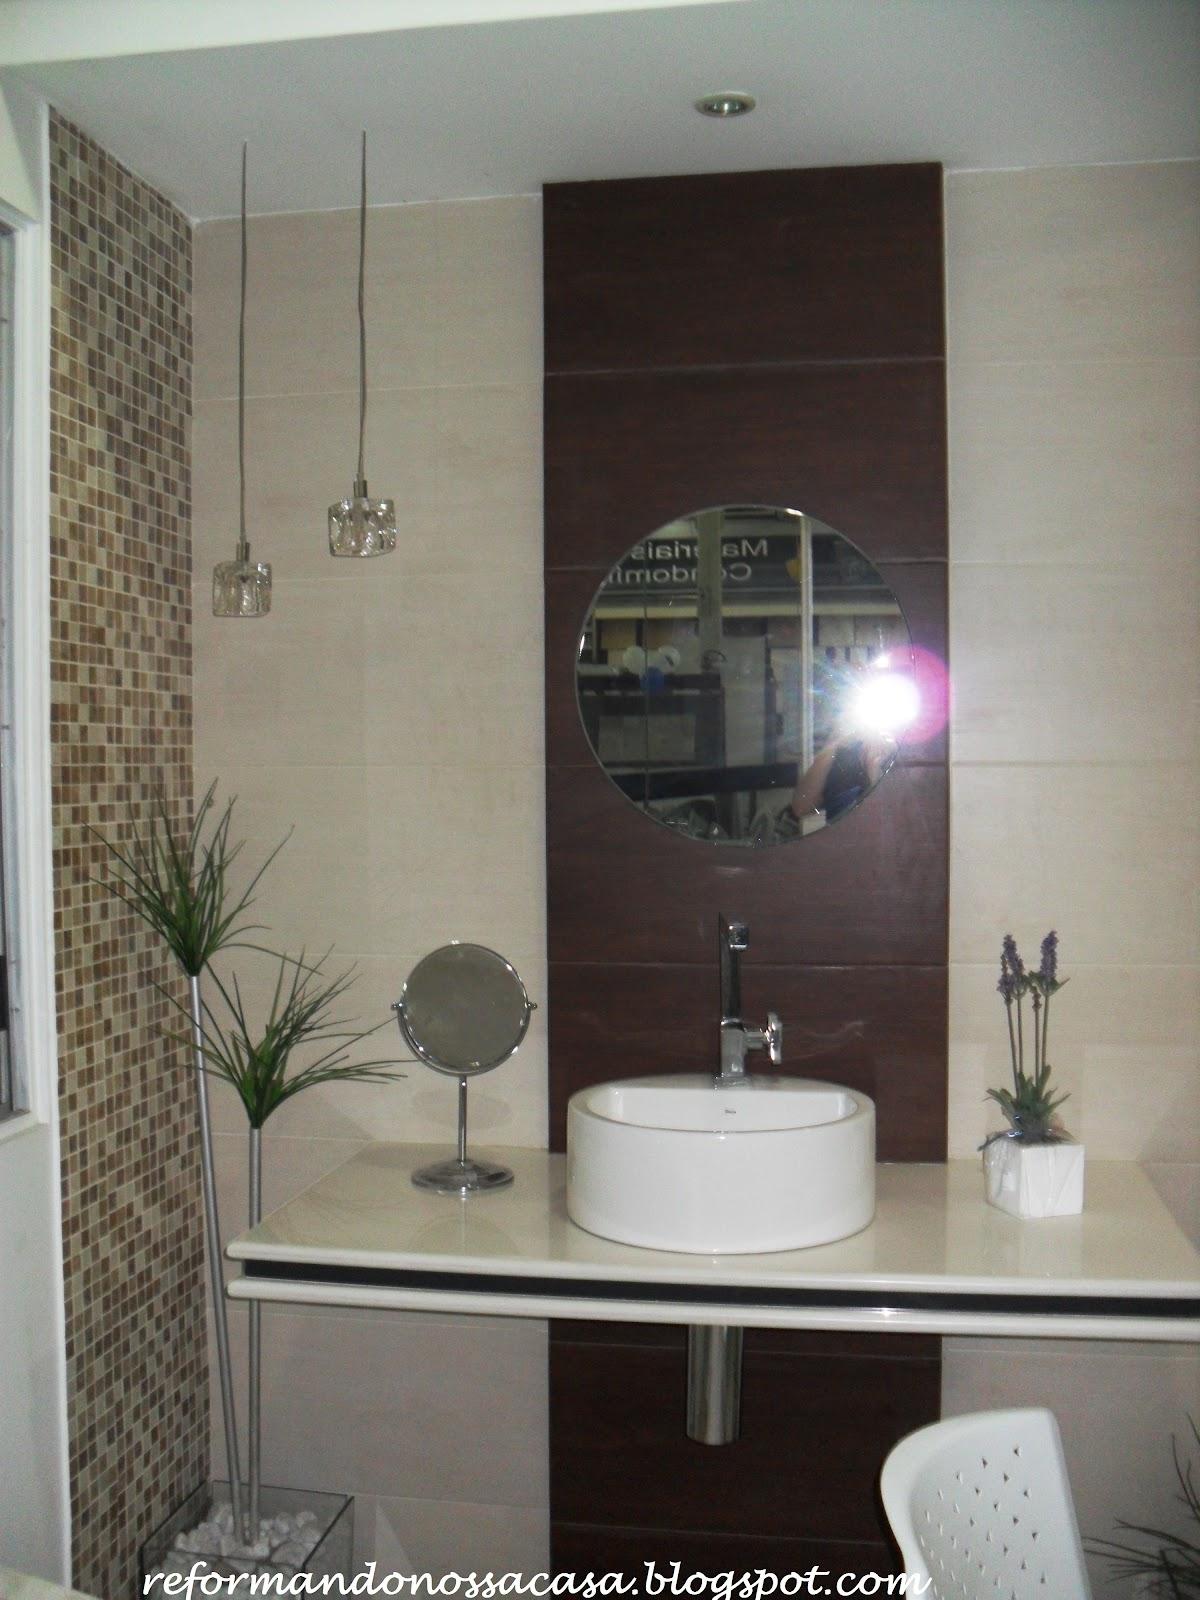 porcelanato estilo madeira no banheiro Quotes #53574B 1200x1600 Banheiro Com Banheira Bege